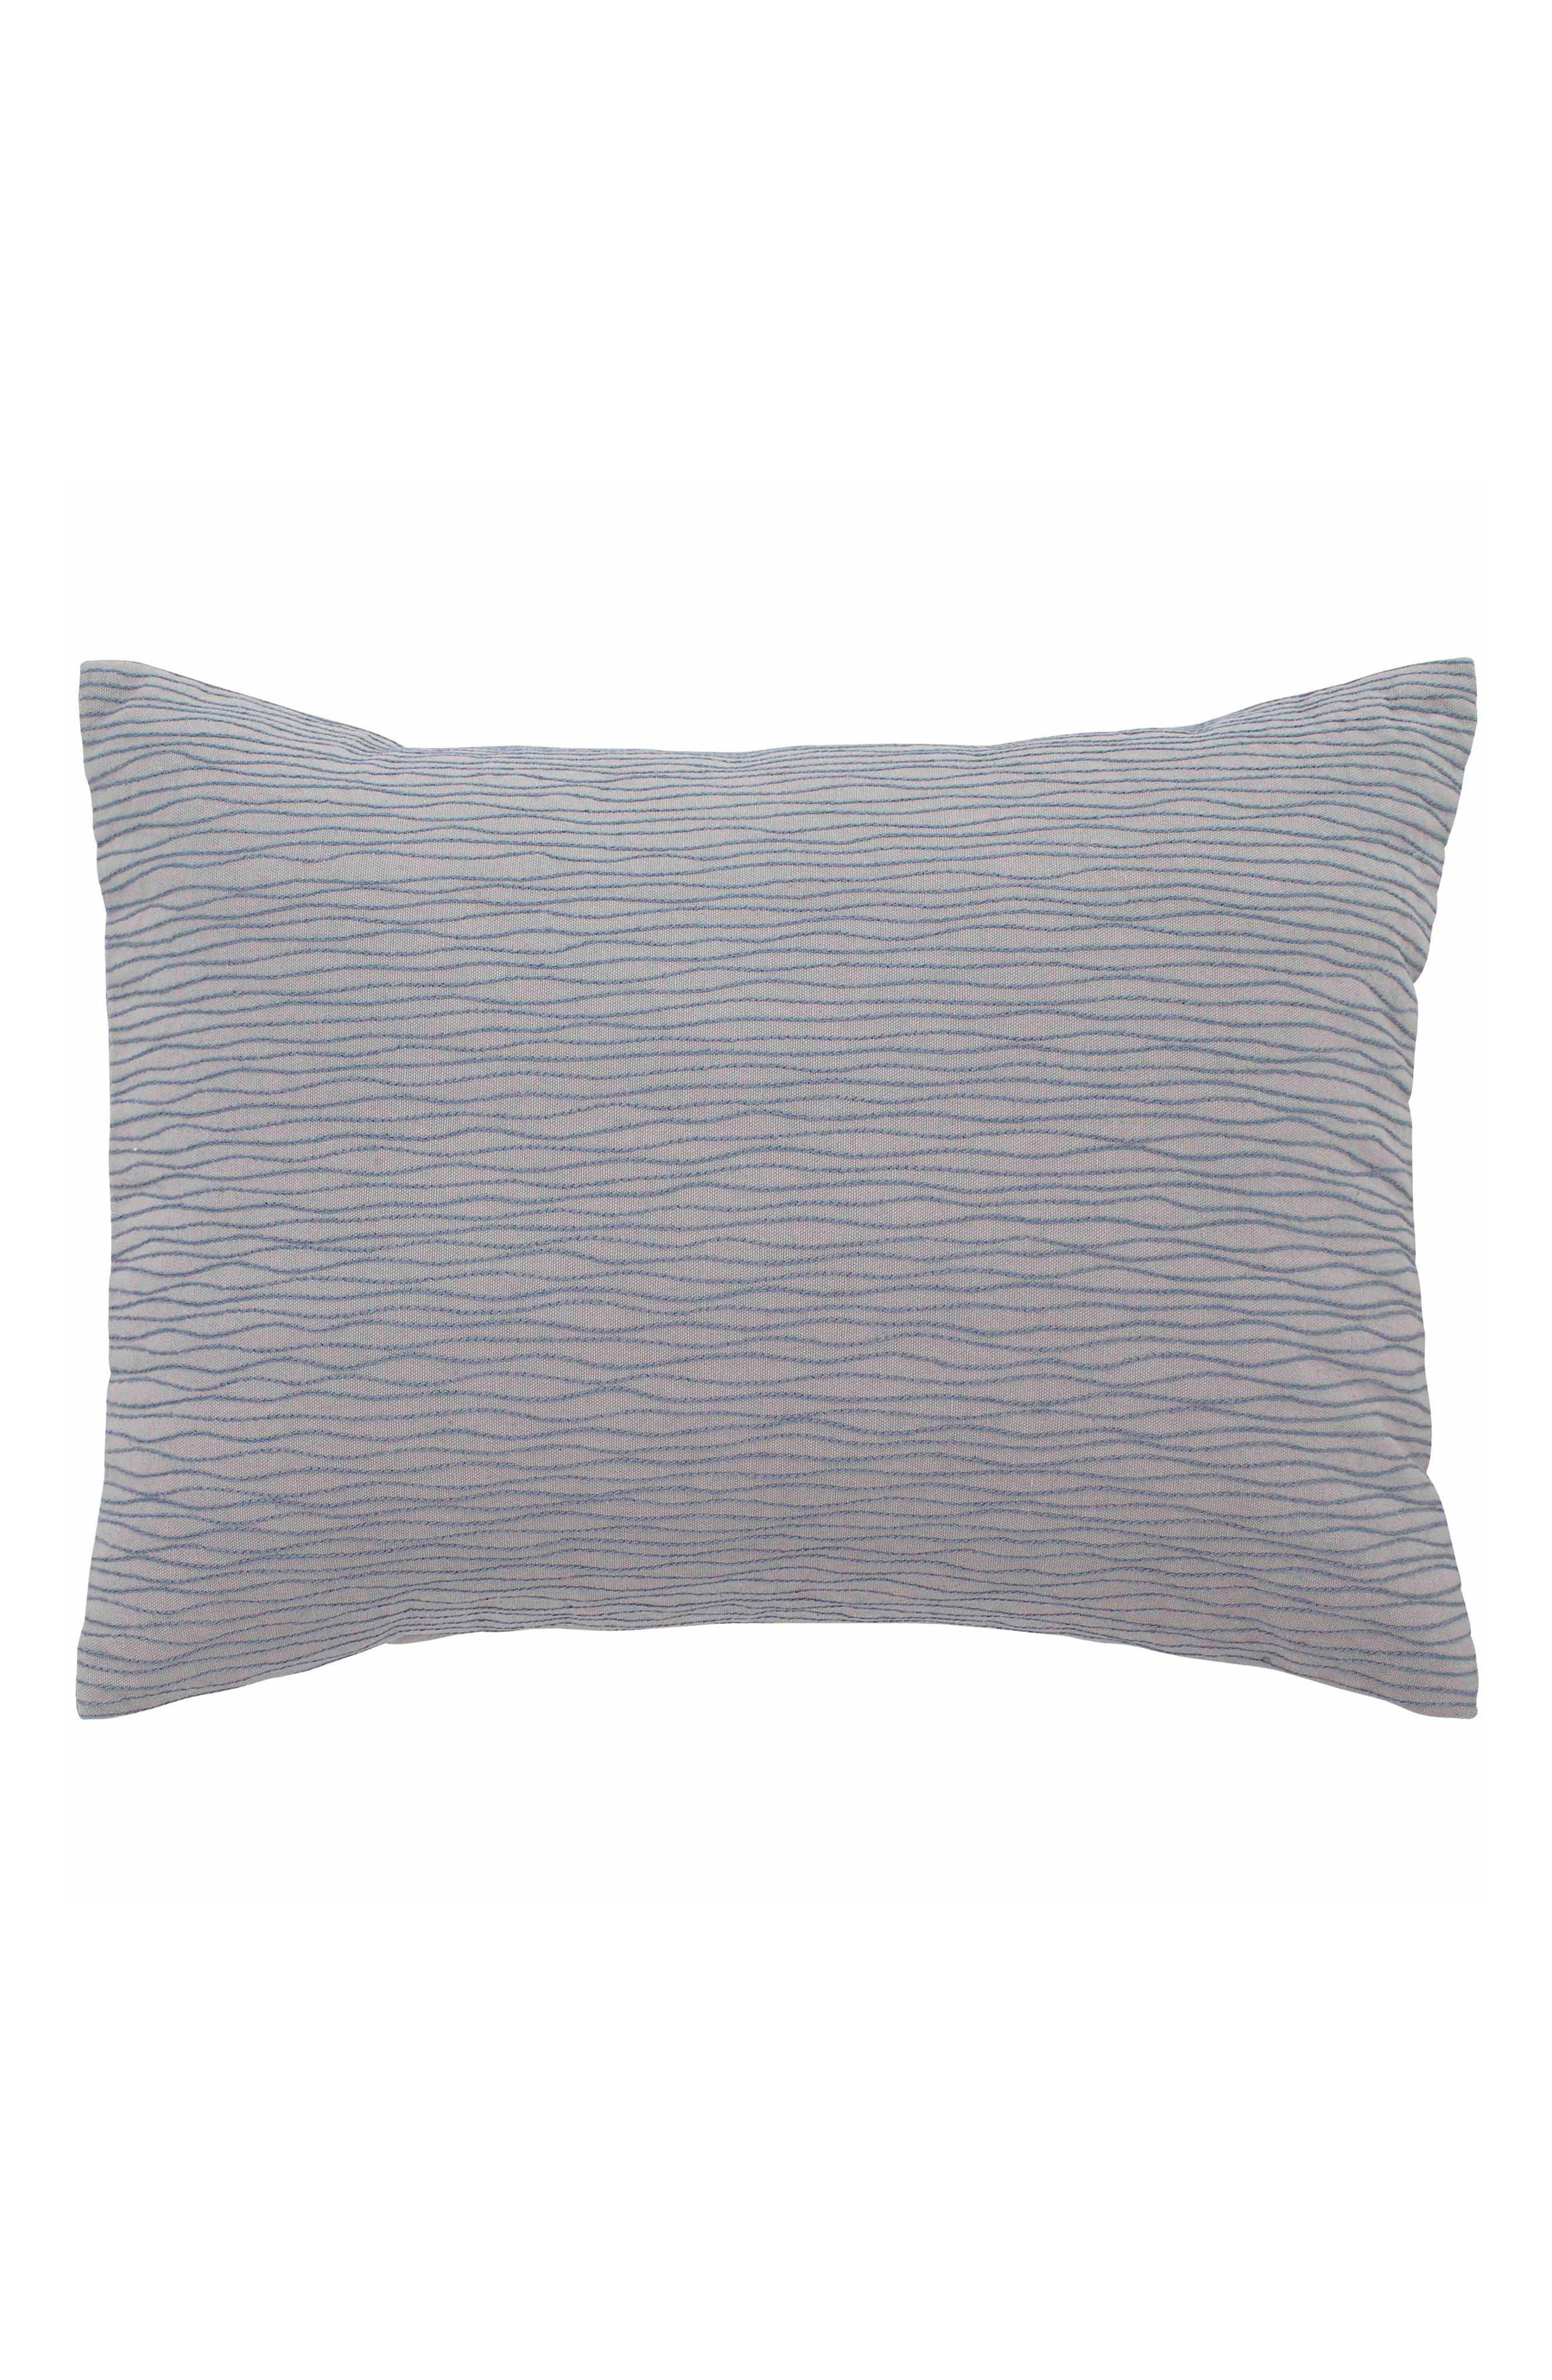 ED ELLEN DEGENERES Soledad Accent Pillow, Main, color, GREY WAVES